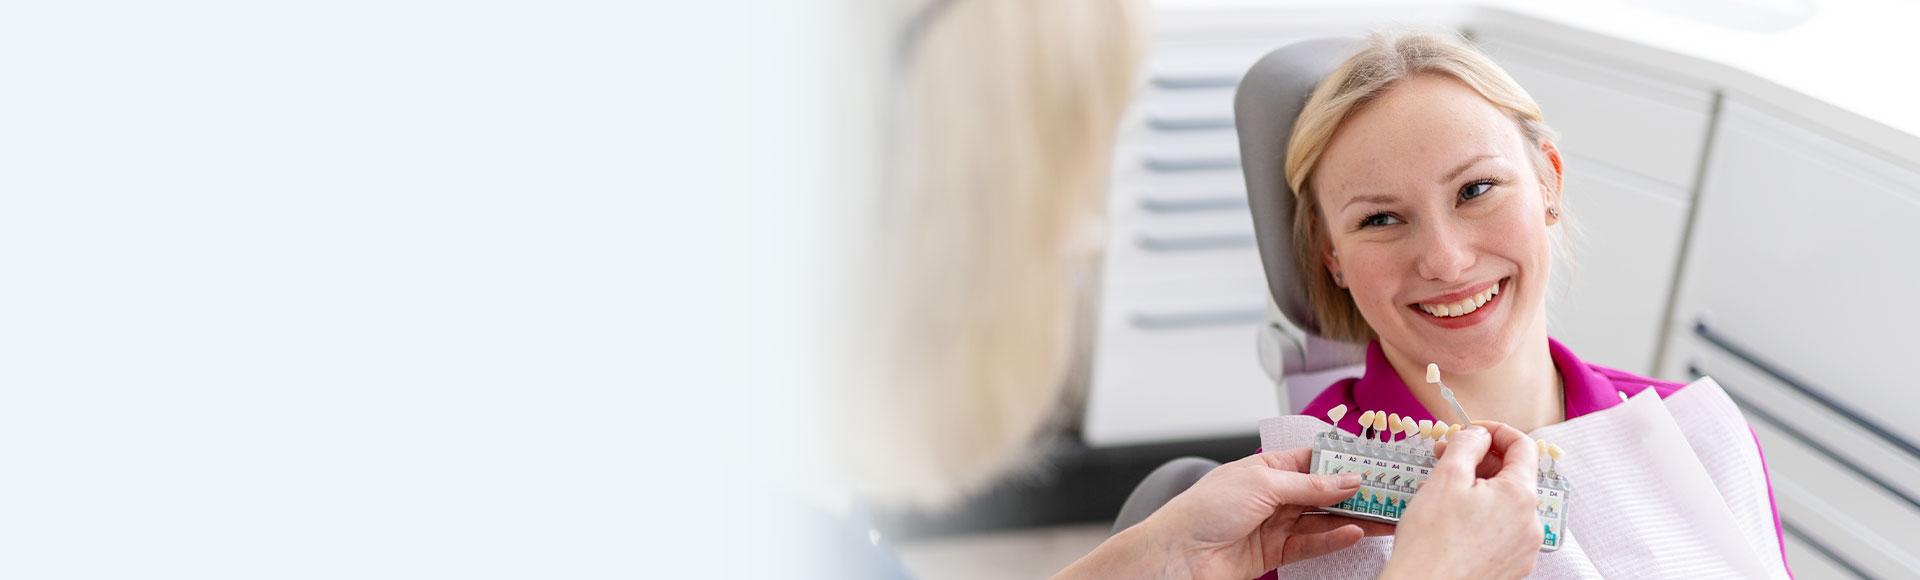 Kompetentes und wirksames Bleaching von fläsh bei ihrem Zahnarzt